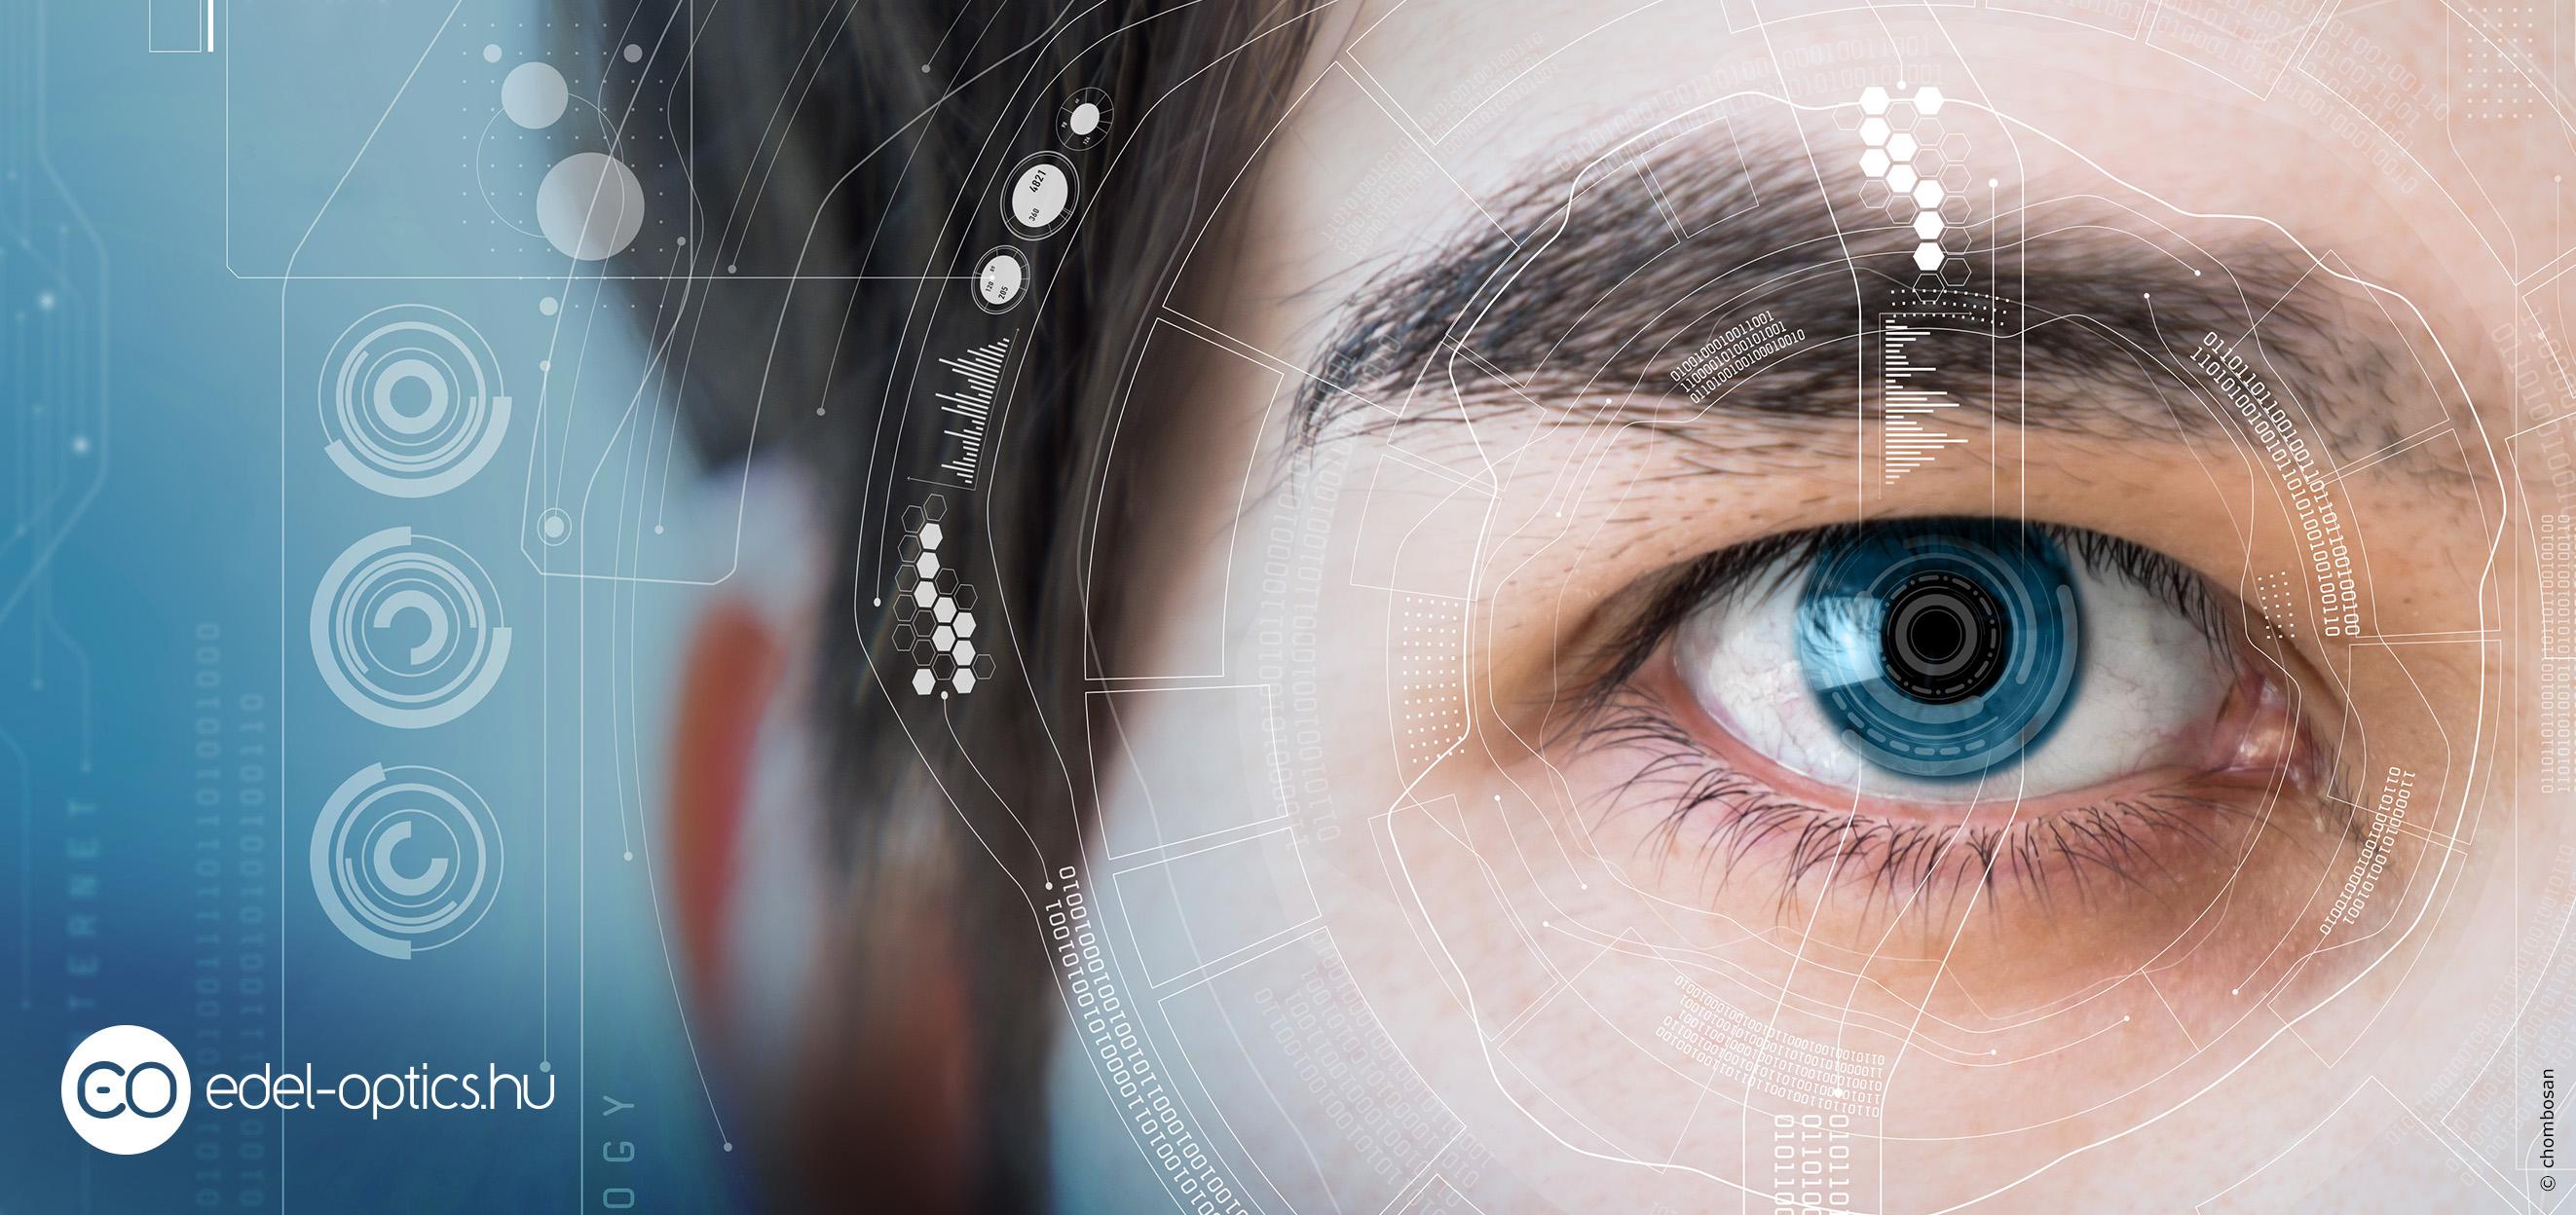 vaszkuláris látásromlás elleni gyógyszerek